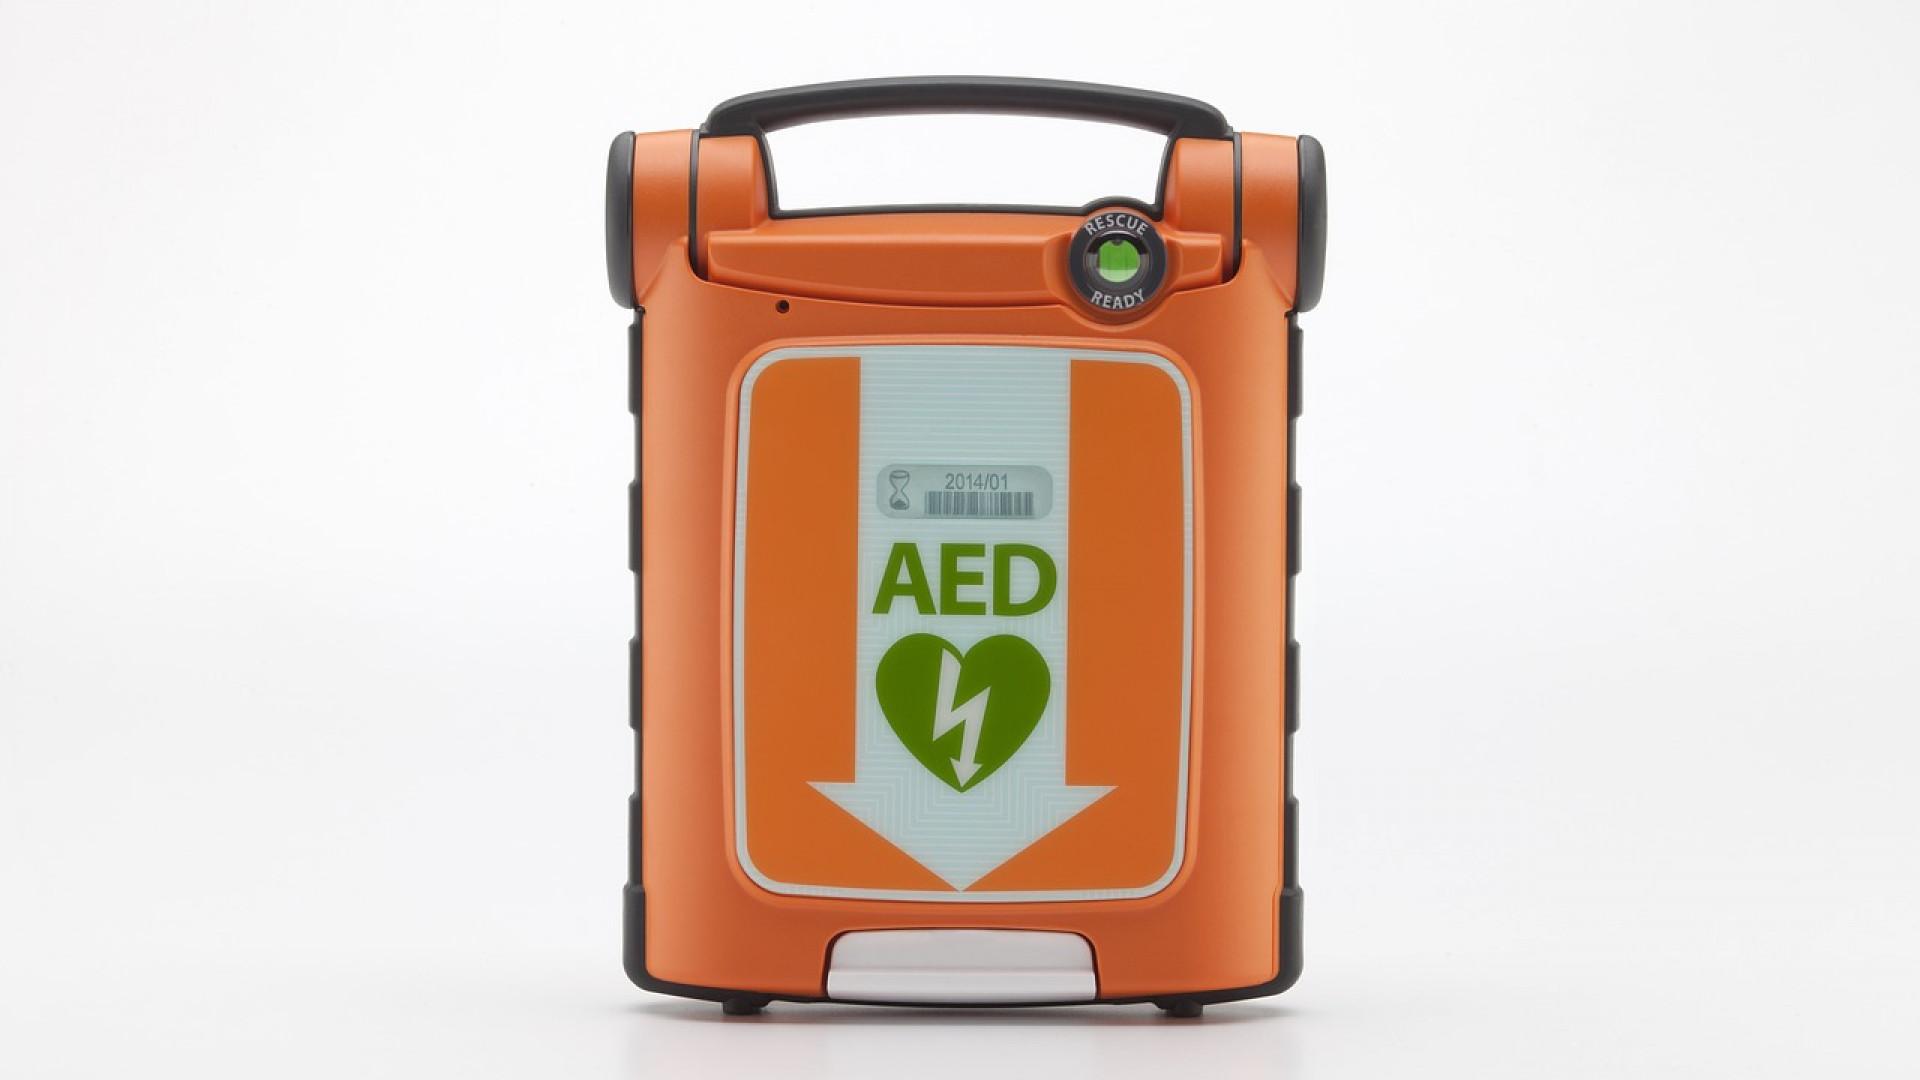 image Comment utiliser un défibrillateur